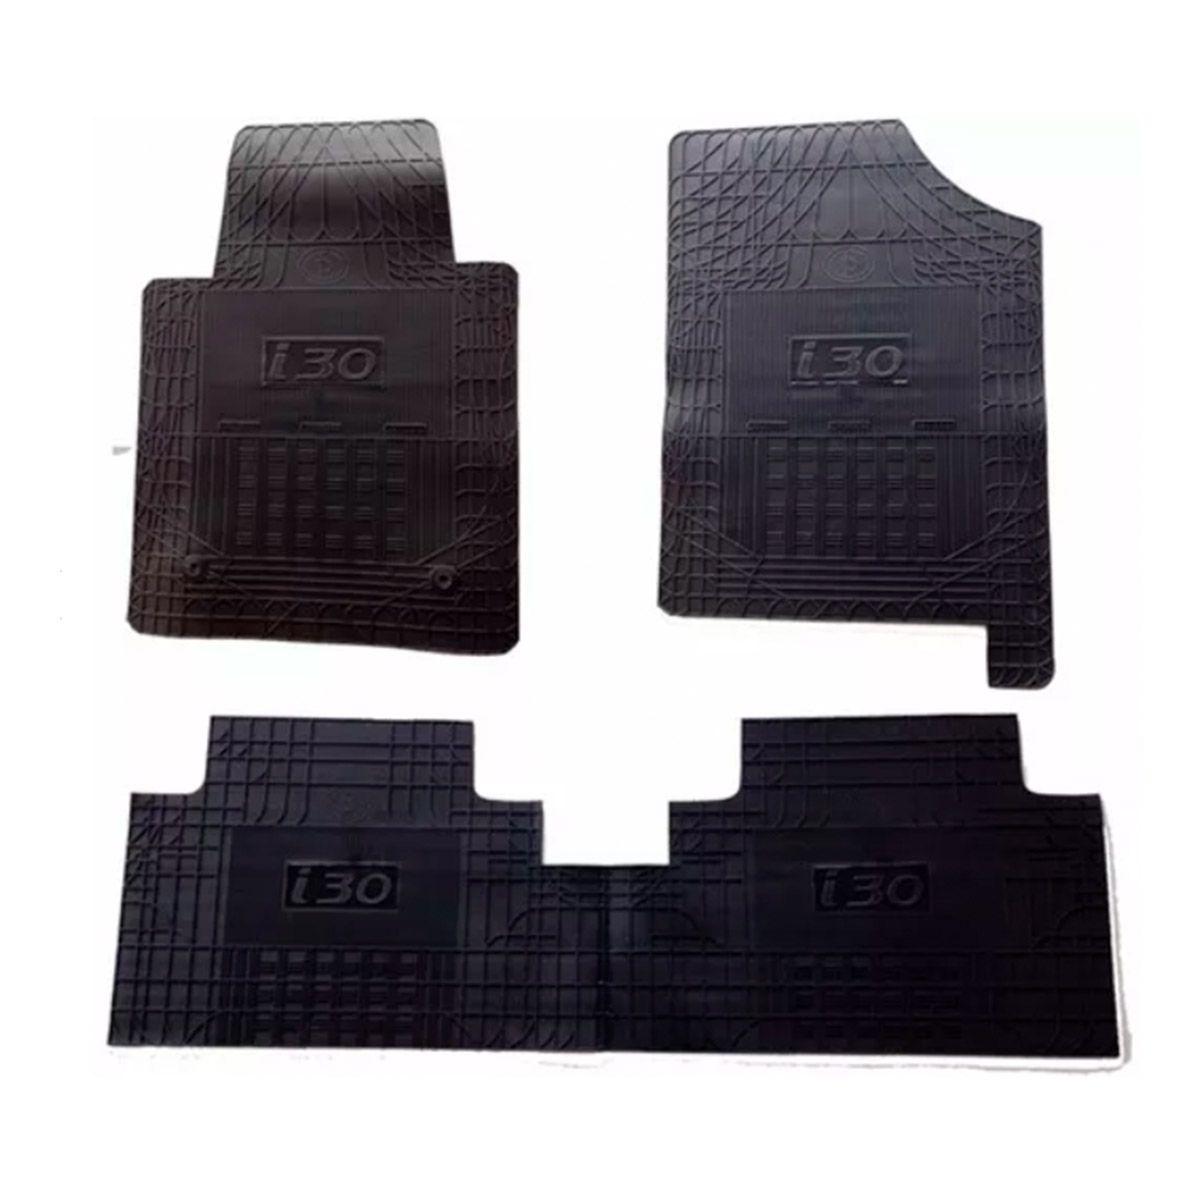 Tapete de Borracha PVC Reforçado Hyundai I30 2013 em diante Tapeplass